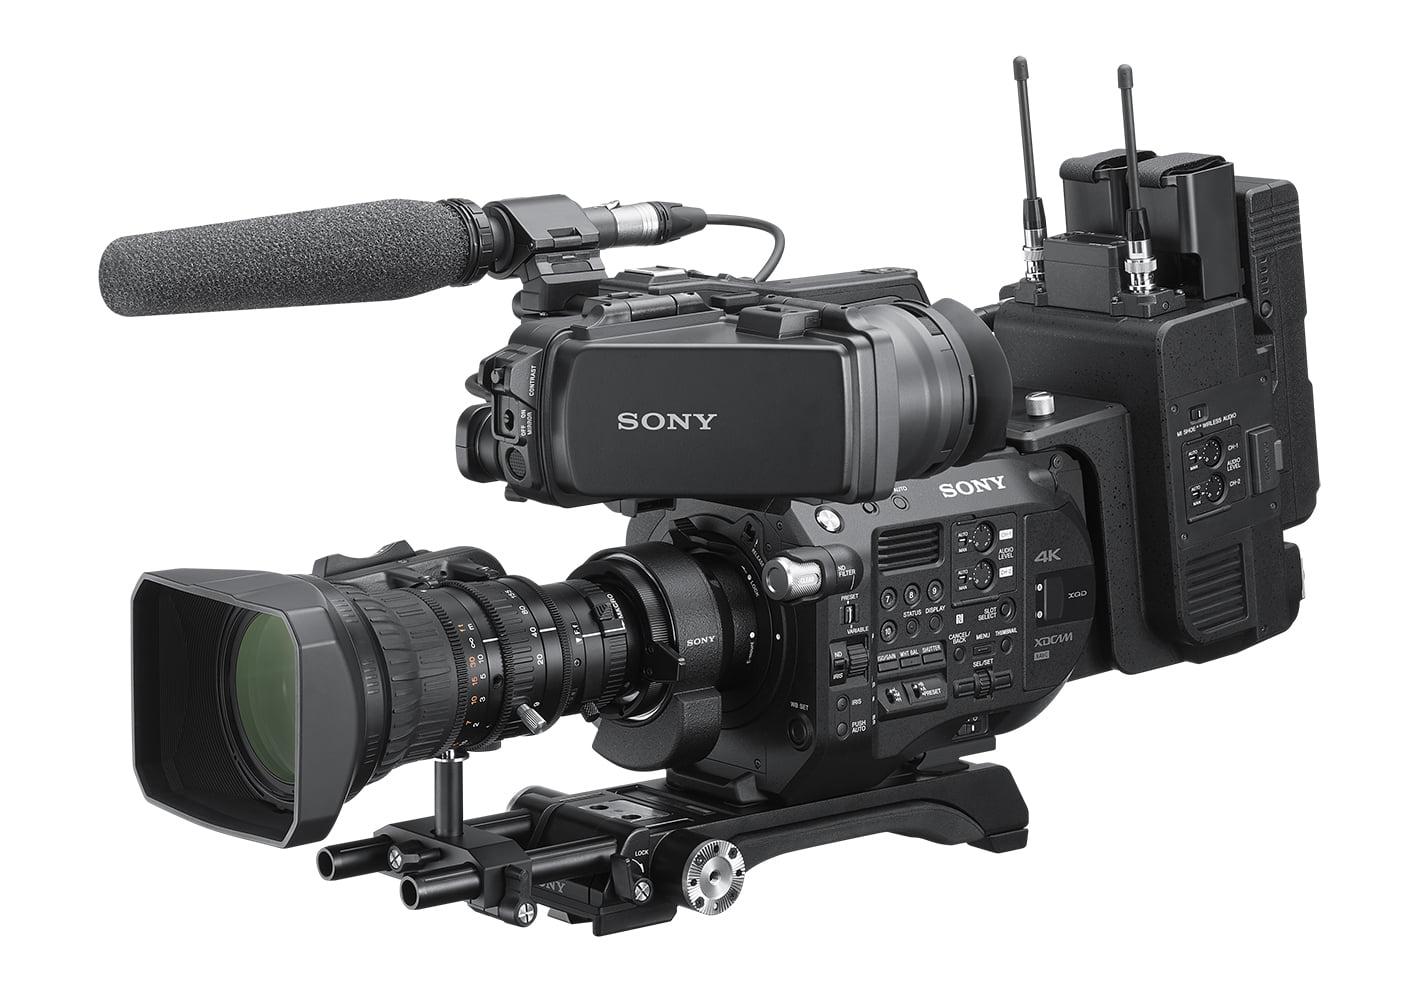 Sony CBK-FS7BK ibc 2019 IBC 2019: Co zaprezentuje Sony? Sony CBK FS7BK withLA EBI